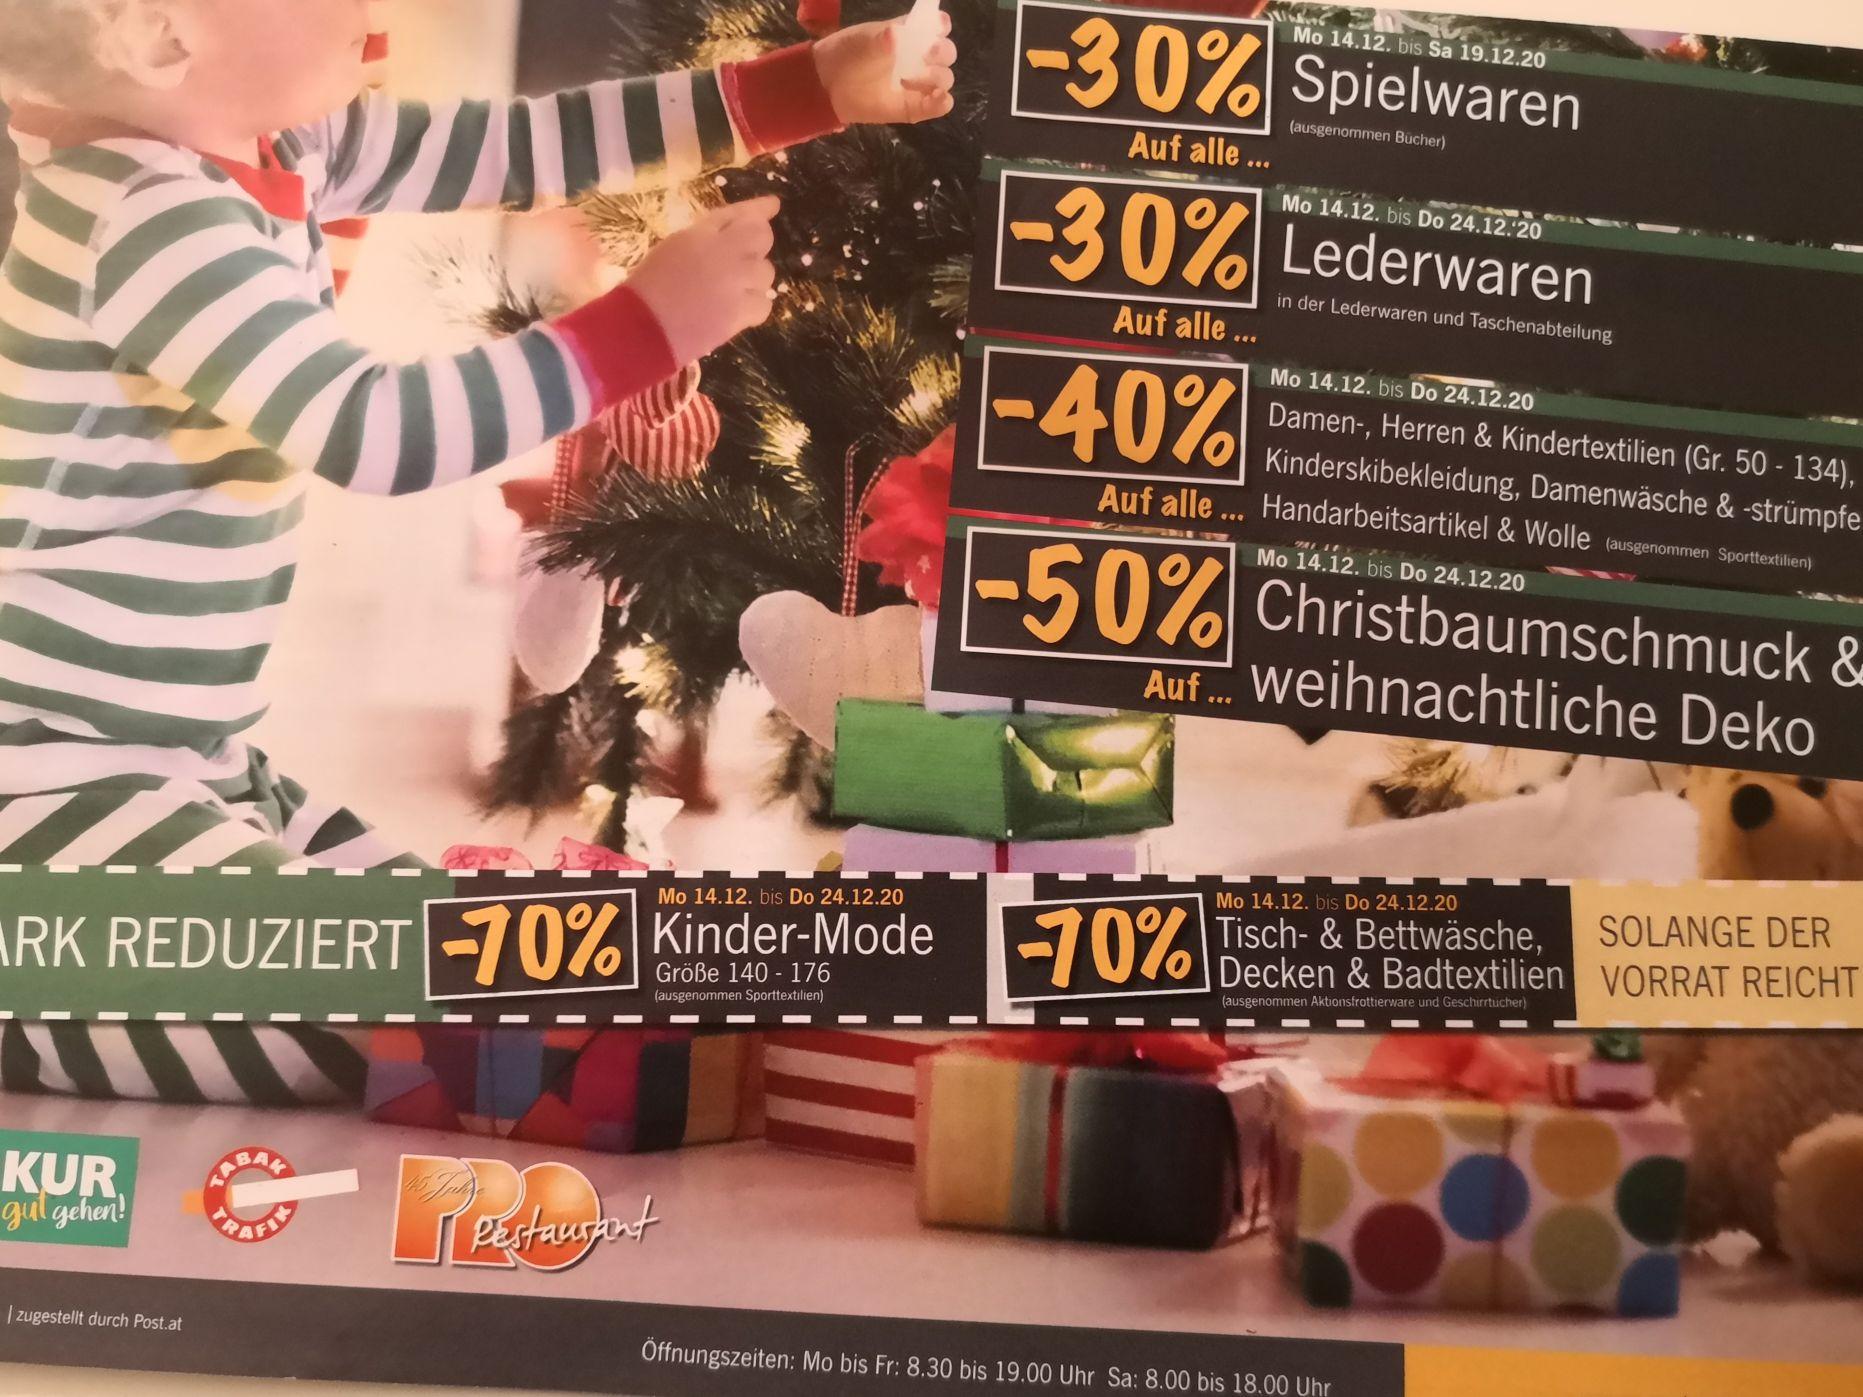 [Linz] Pro Kaufhaus - Räumungsverkauf?